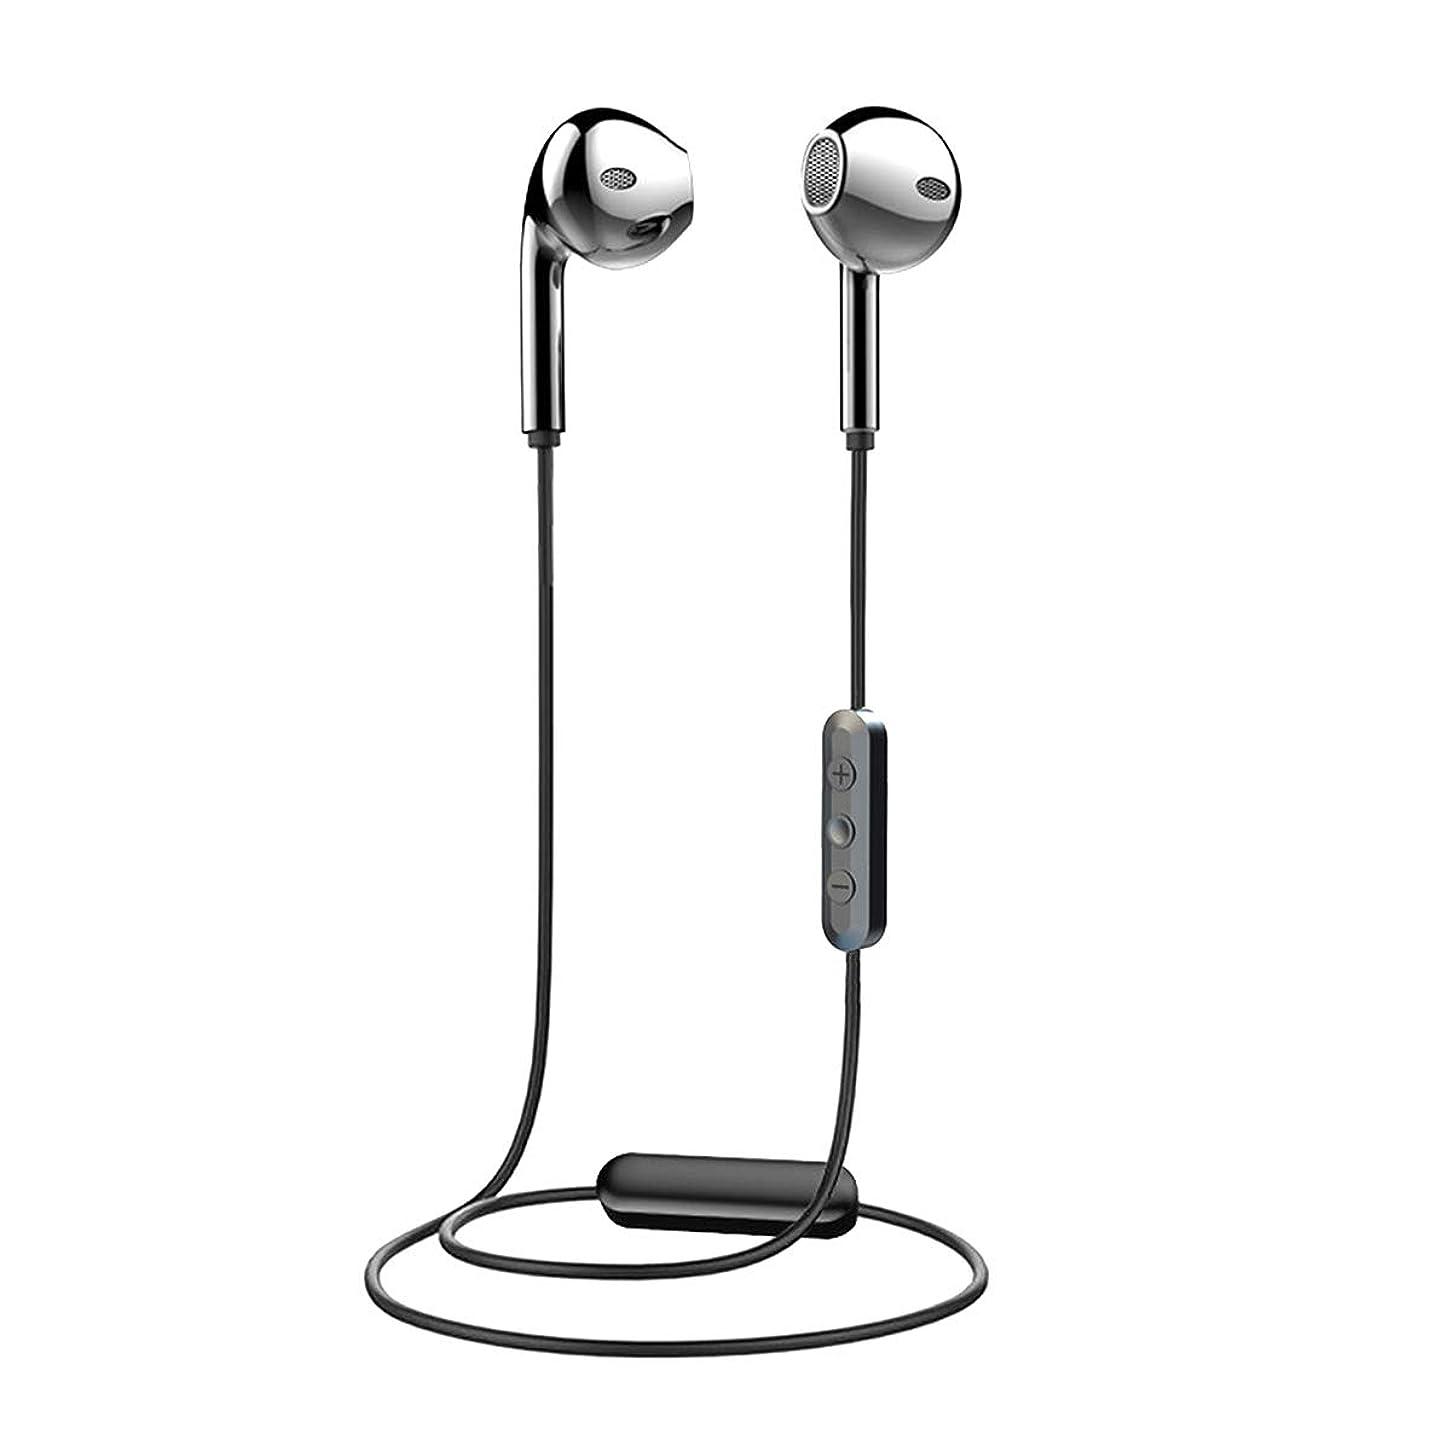 振幅ドーム失われた2019 改良型 ブルートゥース Bluetooth イヤホン ネックバンド ヘッドホン ワイヤレス 金属筐体 首掛け ハンズフリー通話 高音質 HiFi 重低音 両耳 防水 スポーツ 運動 Siri呼出 ノイズキャンセリング リモコン マイク 付き